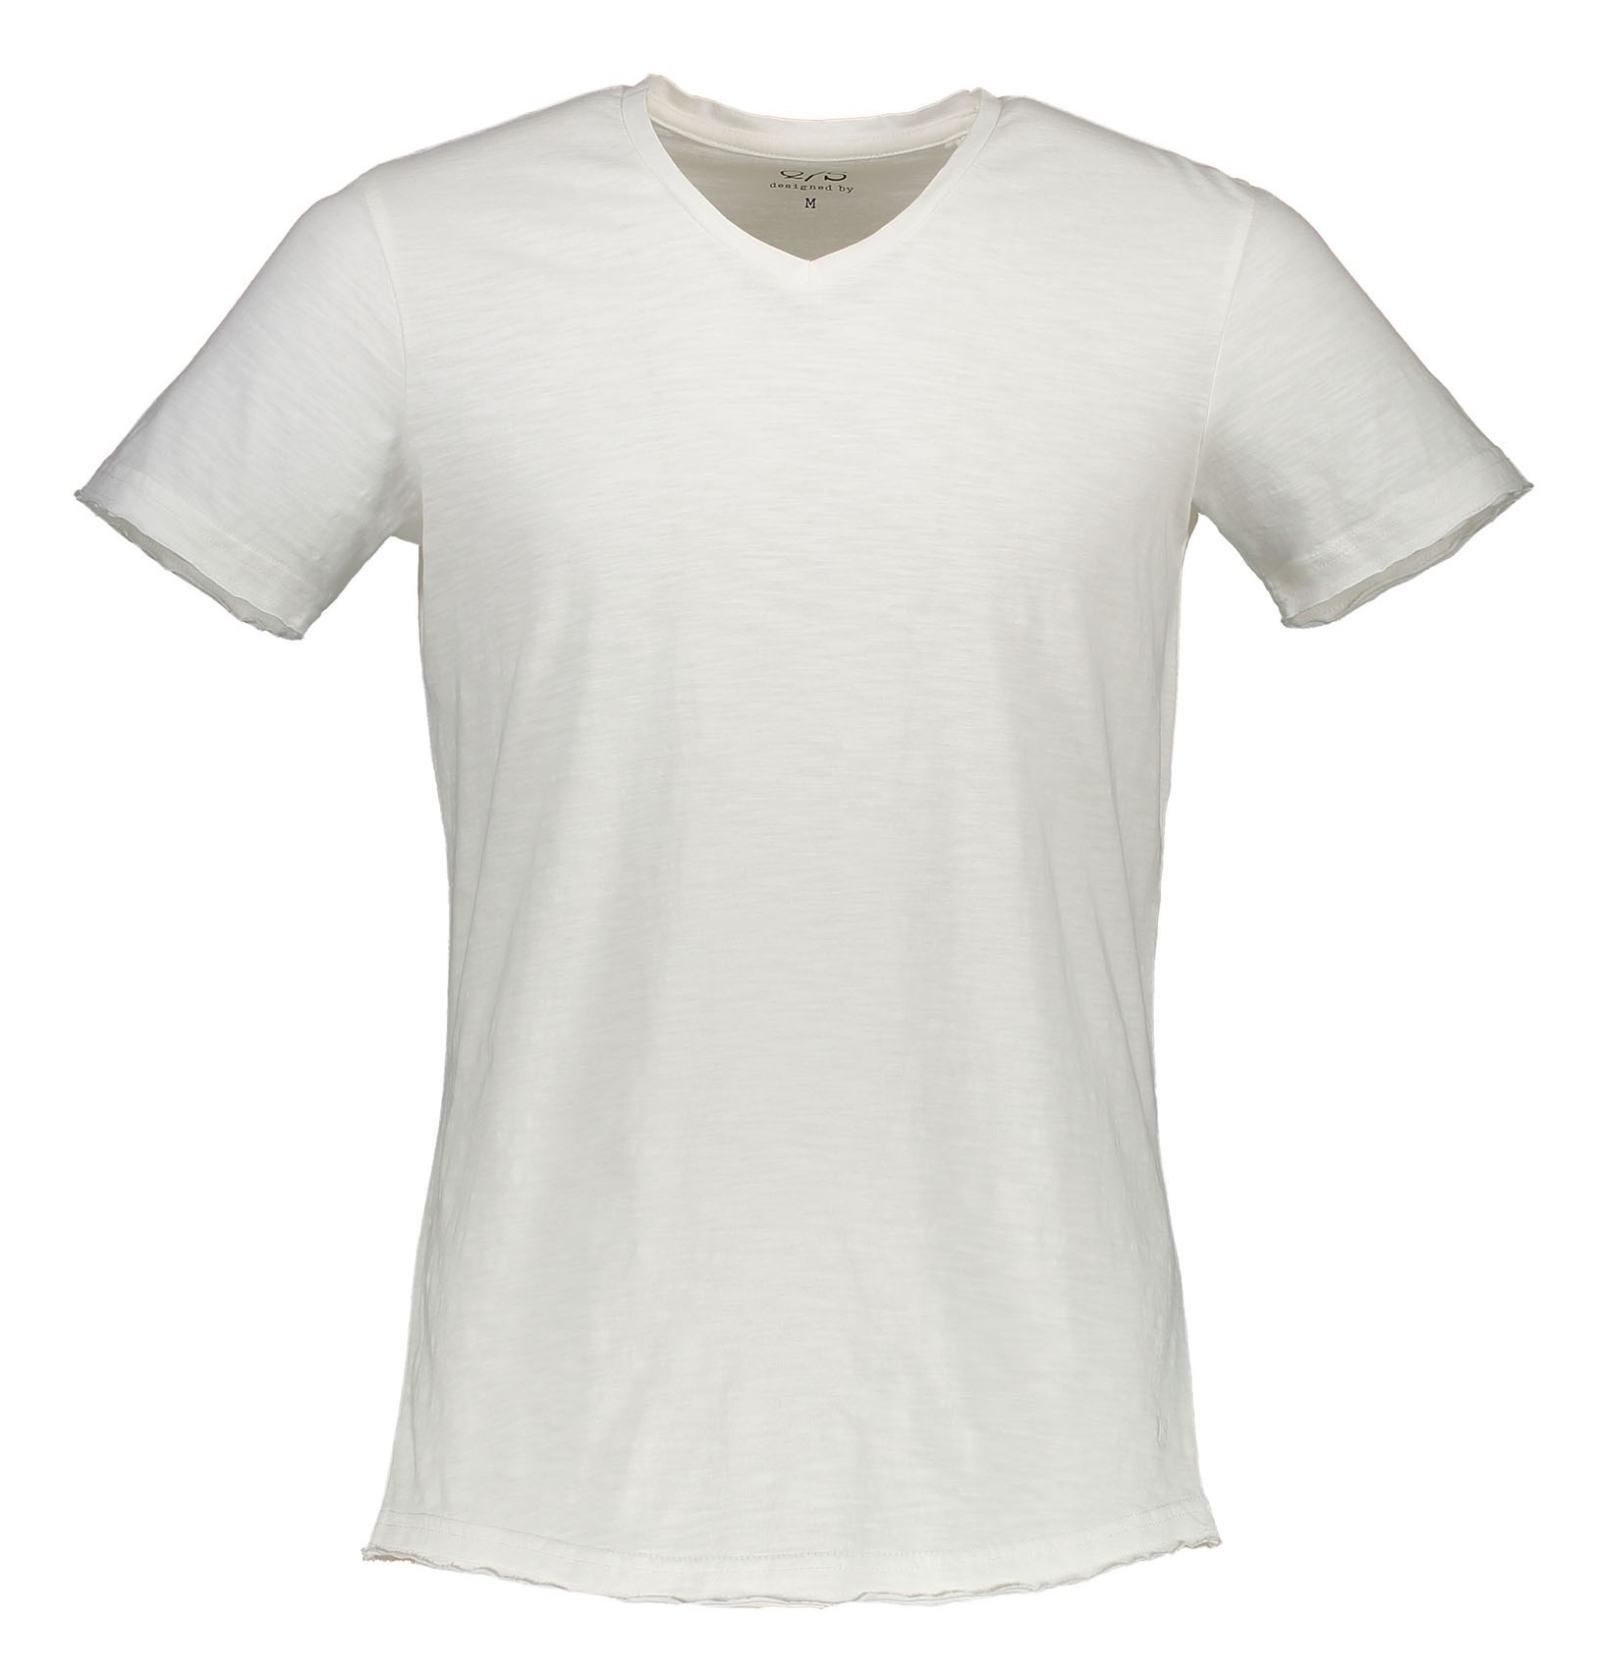 تی شرت نخی یقه هفت مردانه - اس.اولیور - سفيد - 1